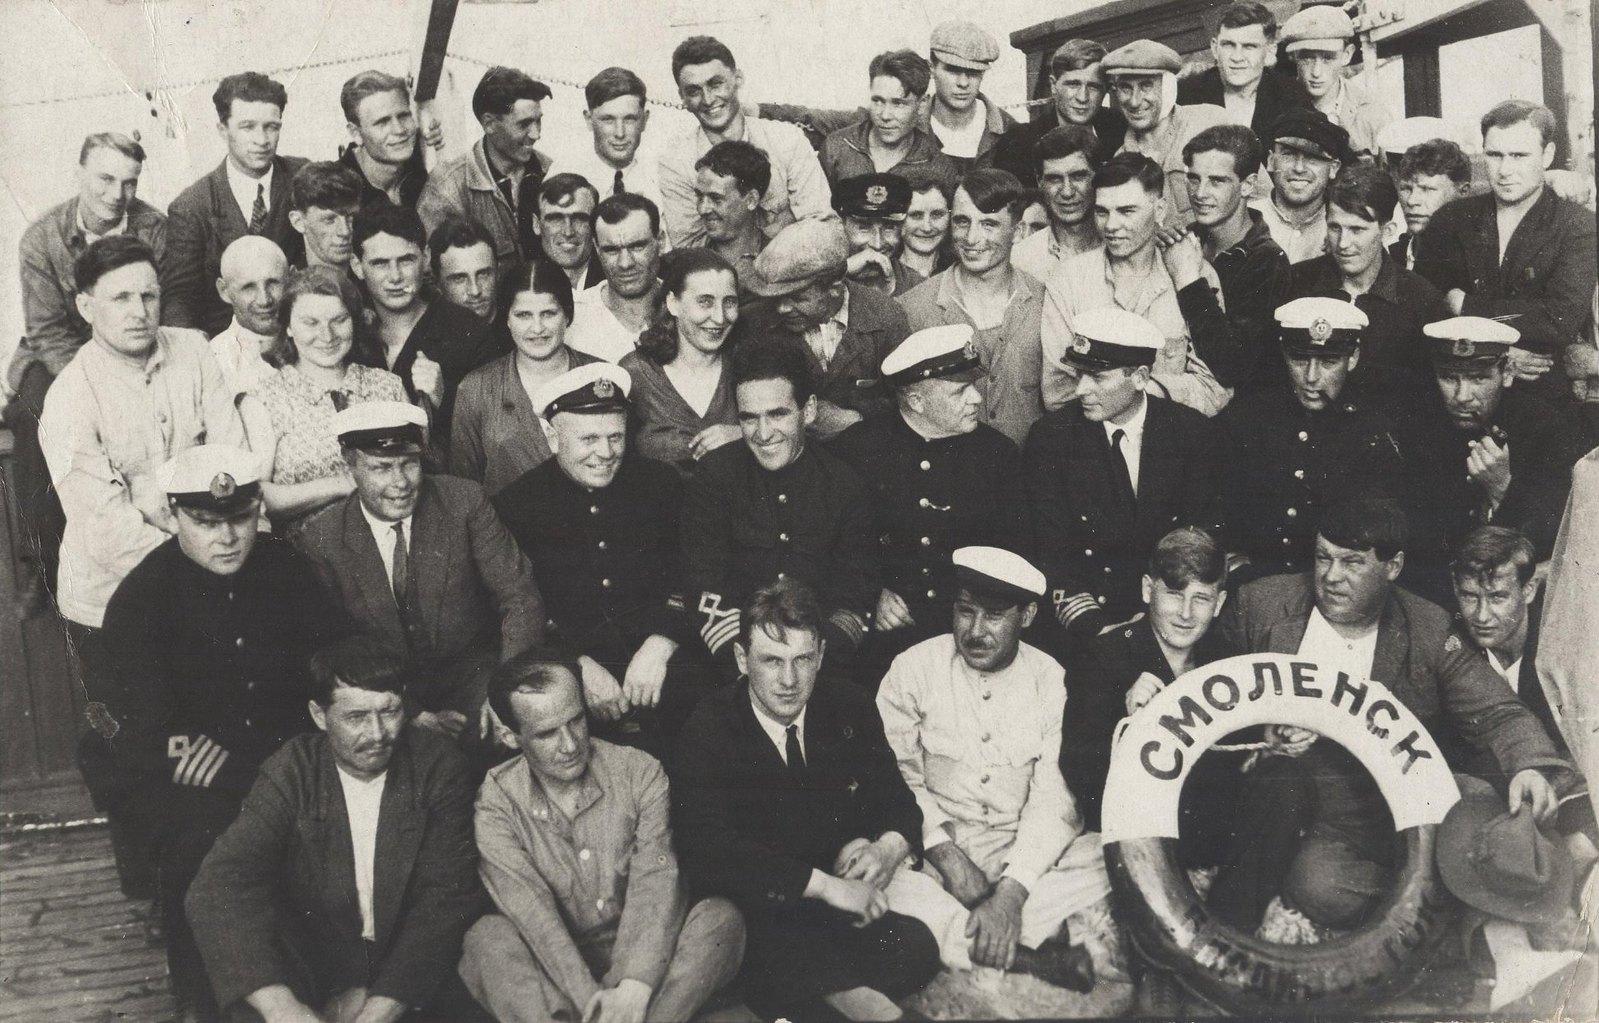 1934. Участники экспедиция по спасению челюскинцев на борту судна «Смоленск». Владивосток